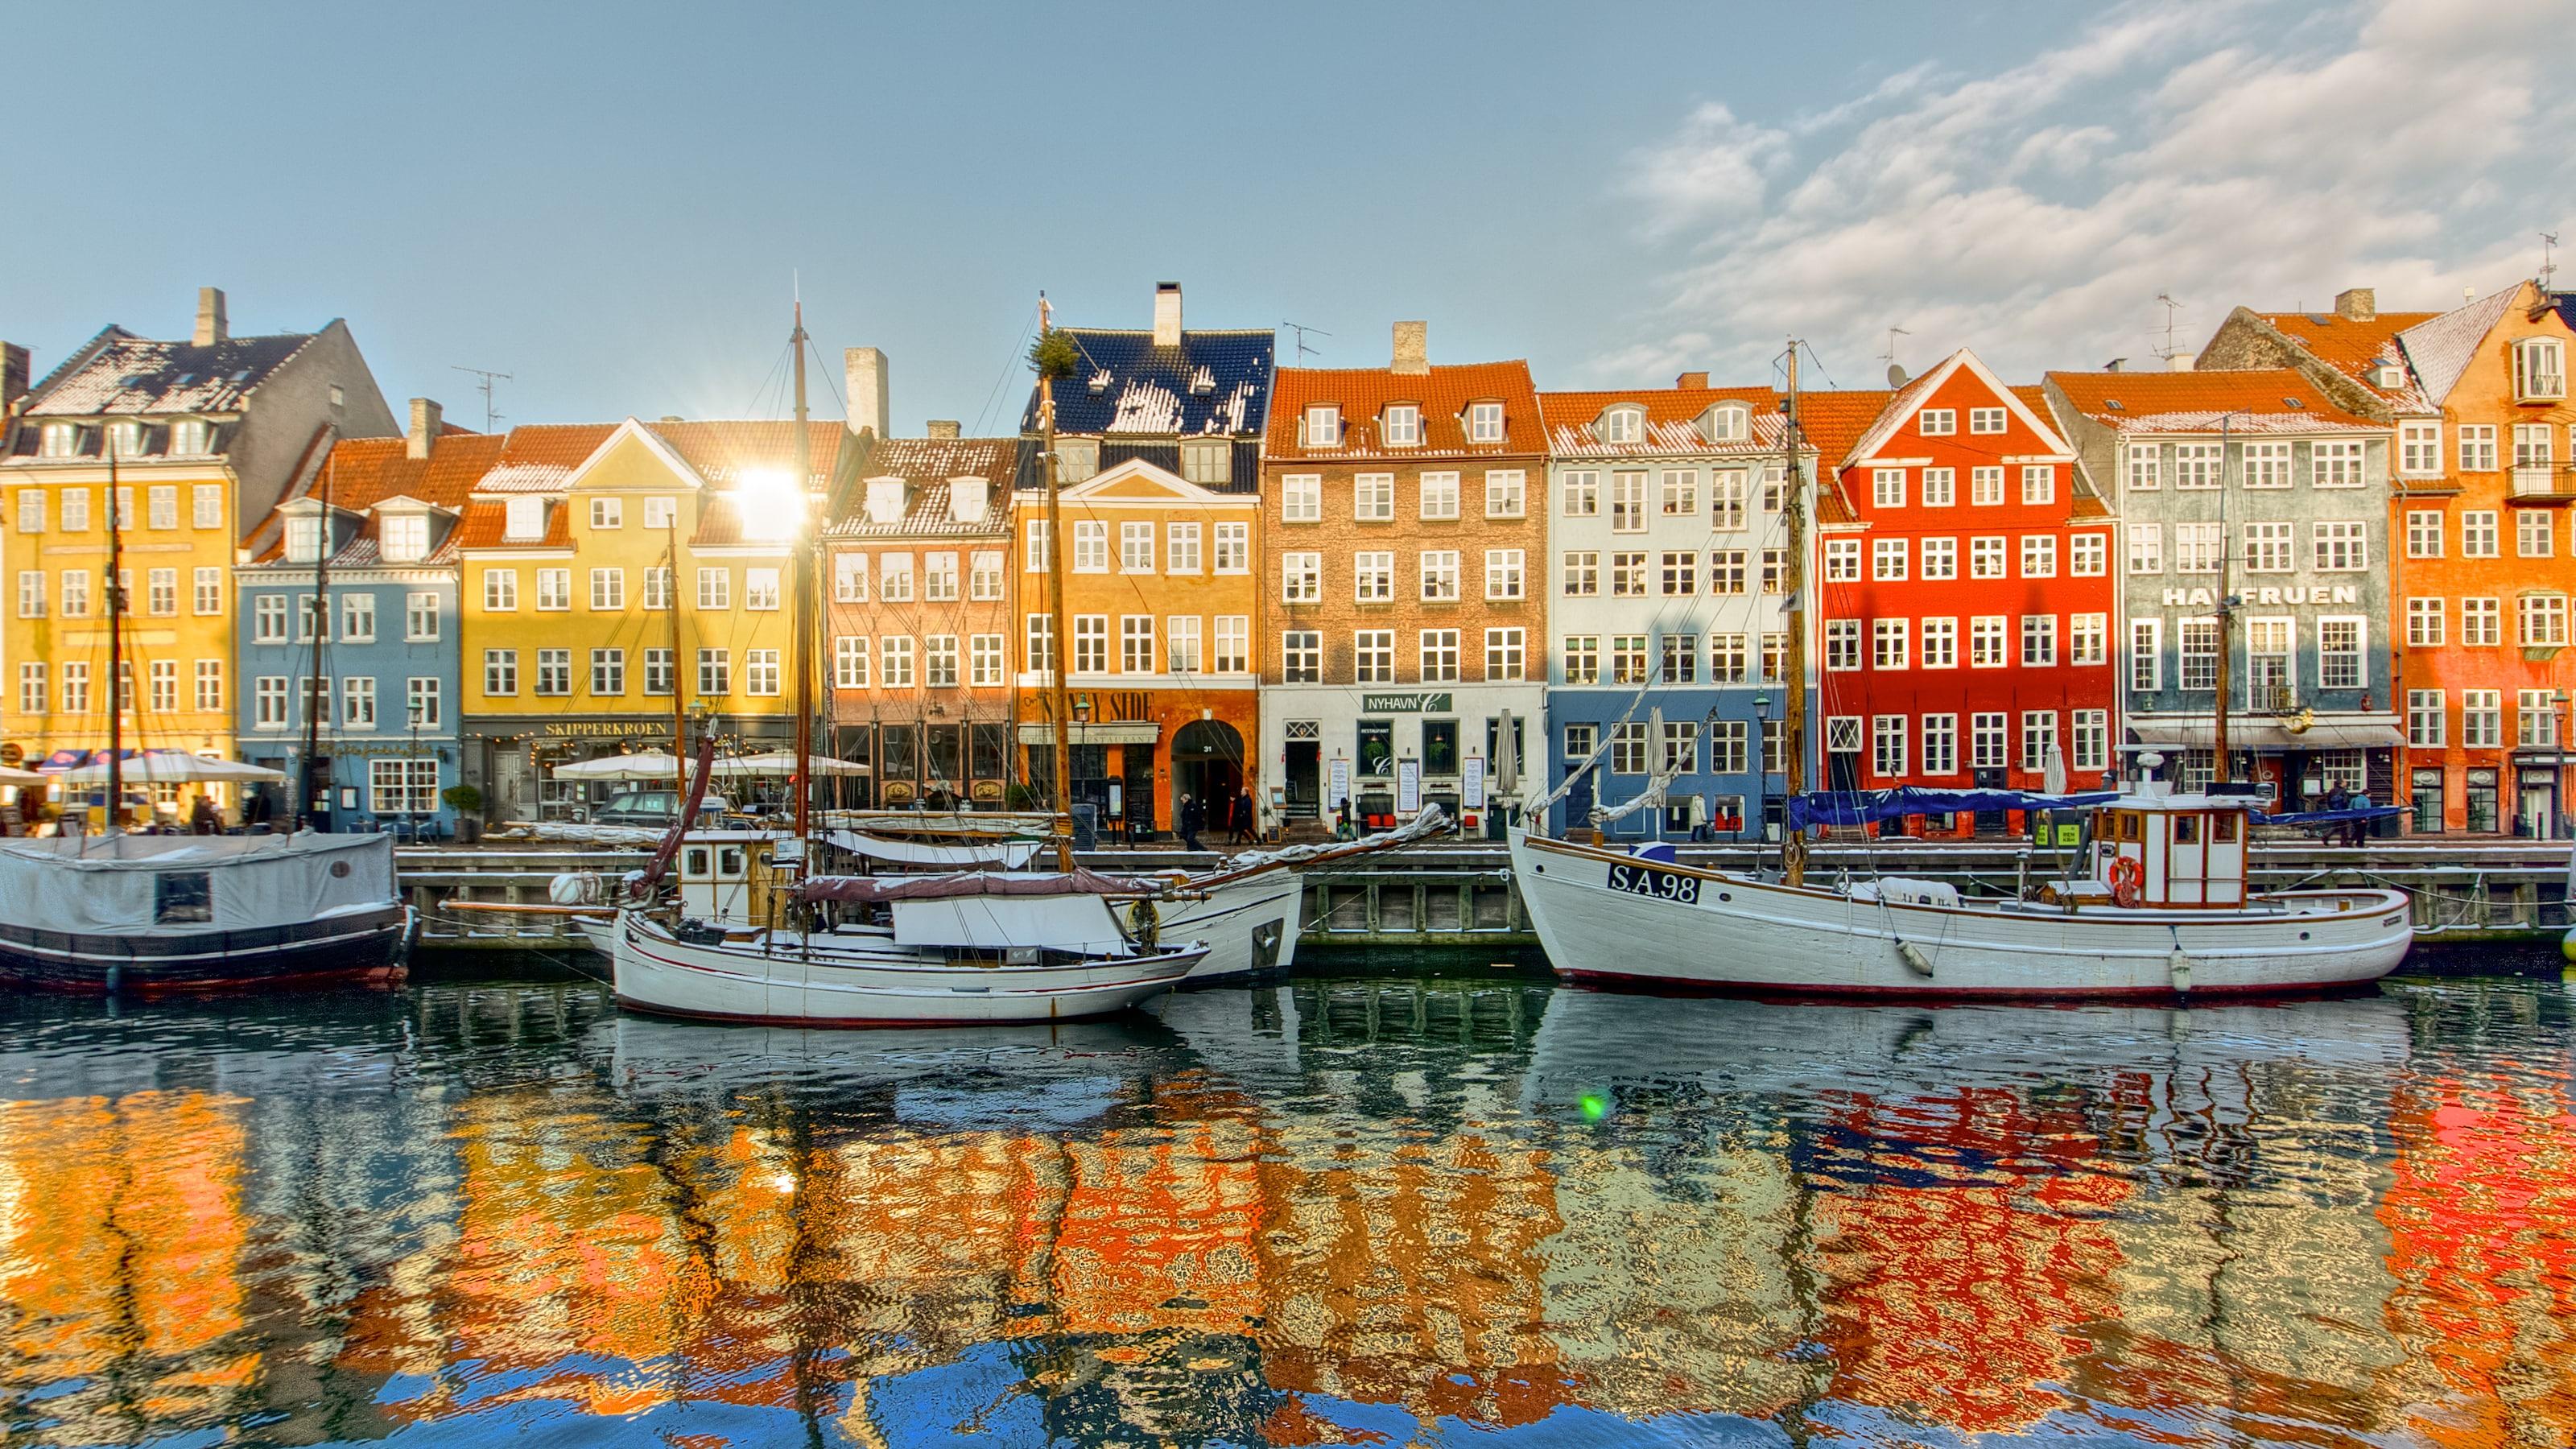 Des bâtiments colorés et des embarcations bordent un port de Copenhague, et se reflètent dans l'eau